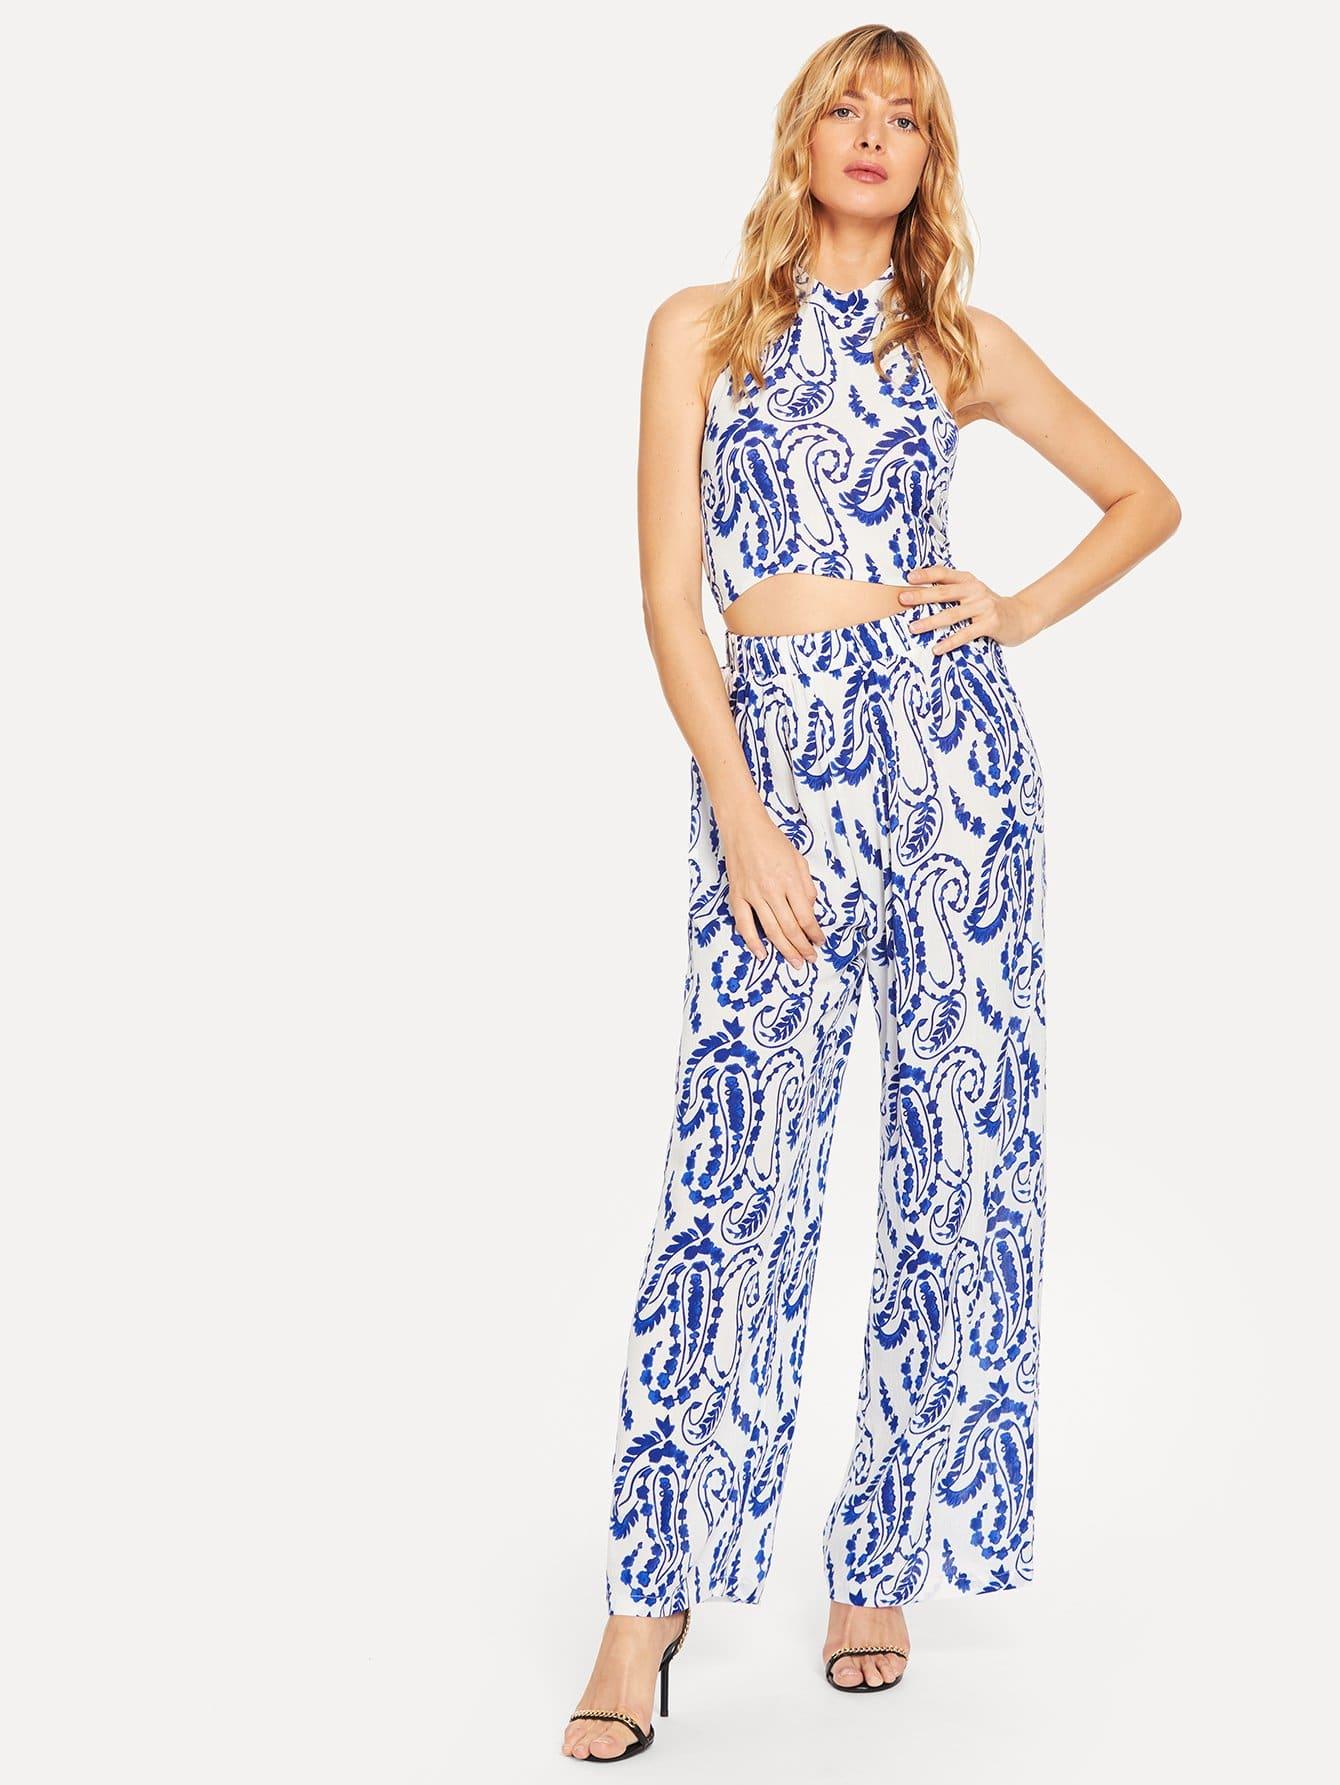 Купить Блузка с открытой спиной и с рисунками фарфоров цинхуа и брюки, Masha, SheIn